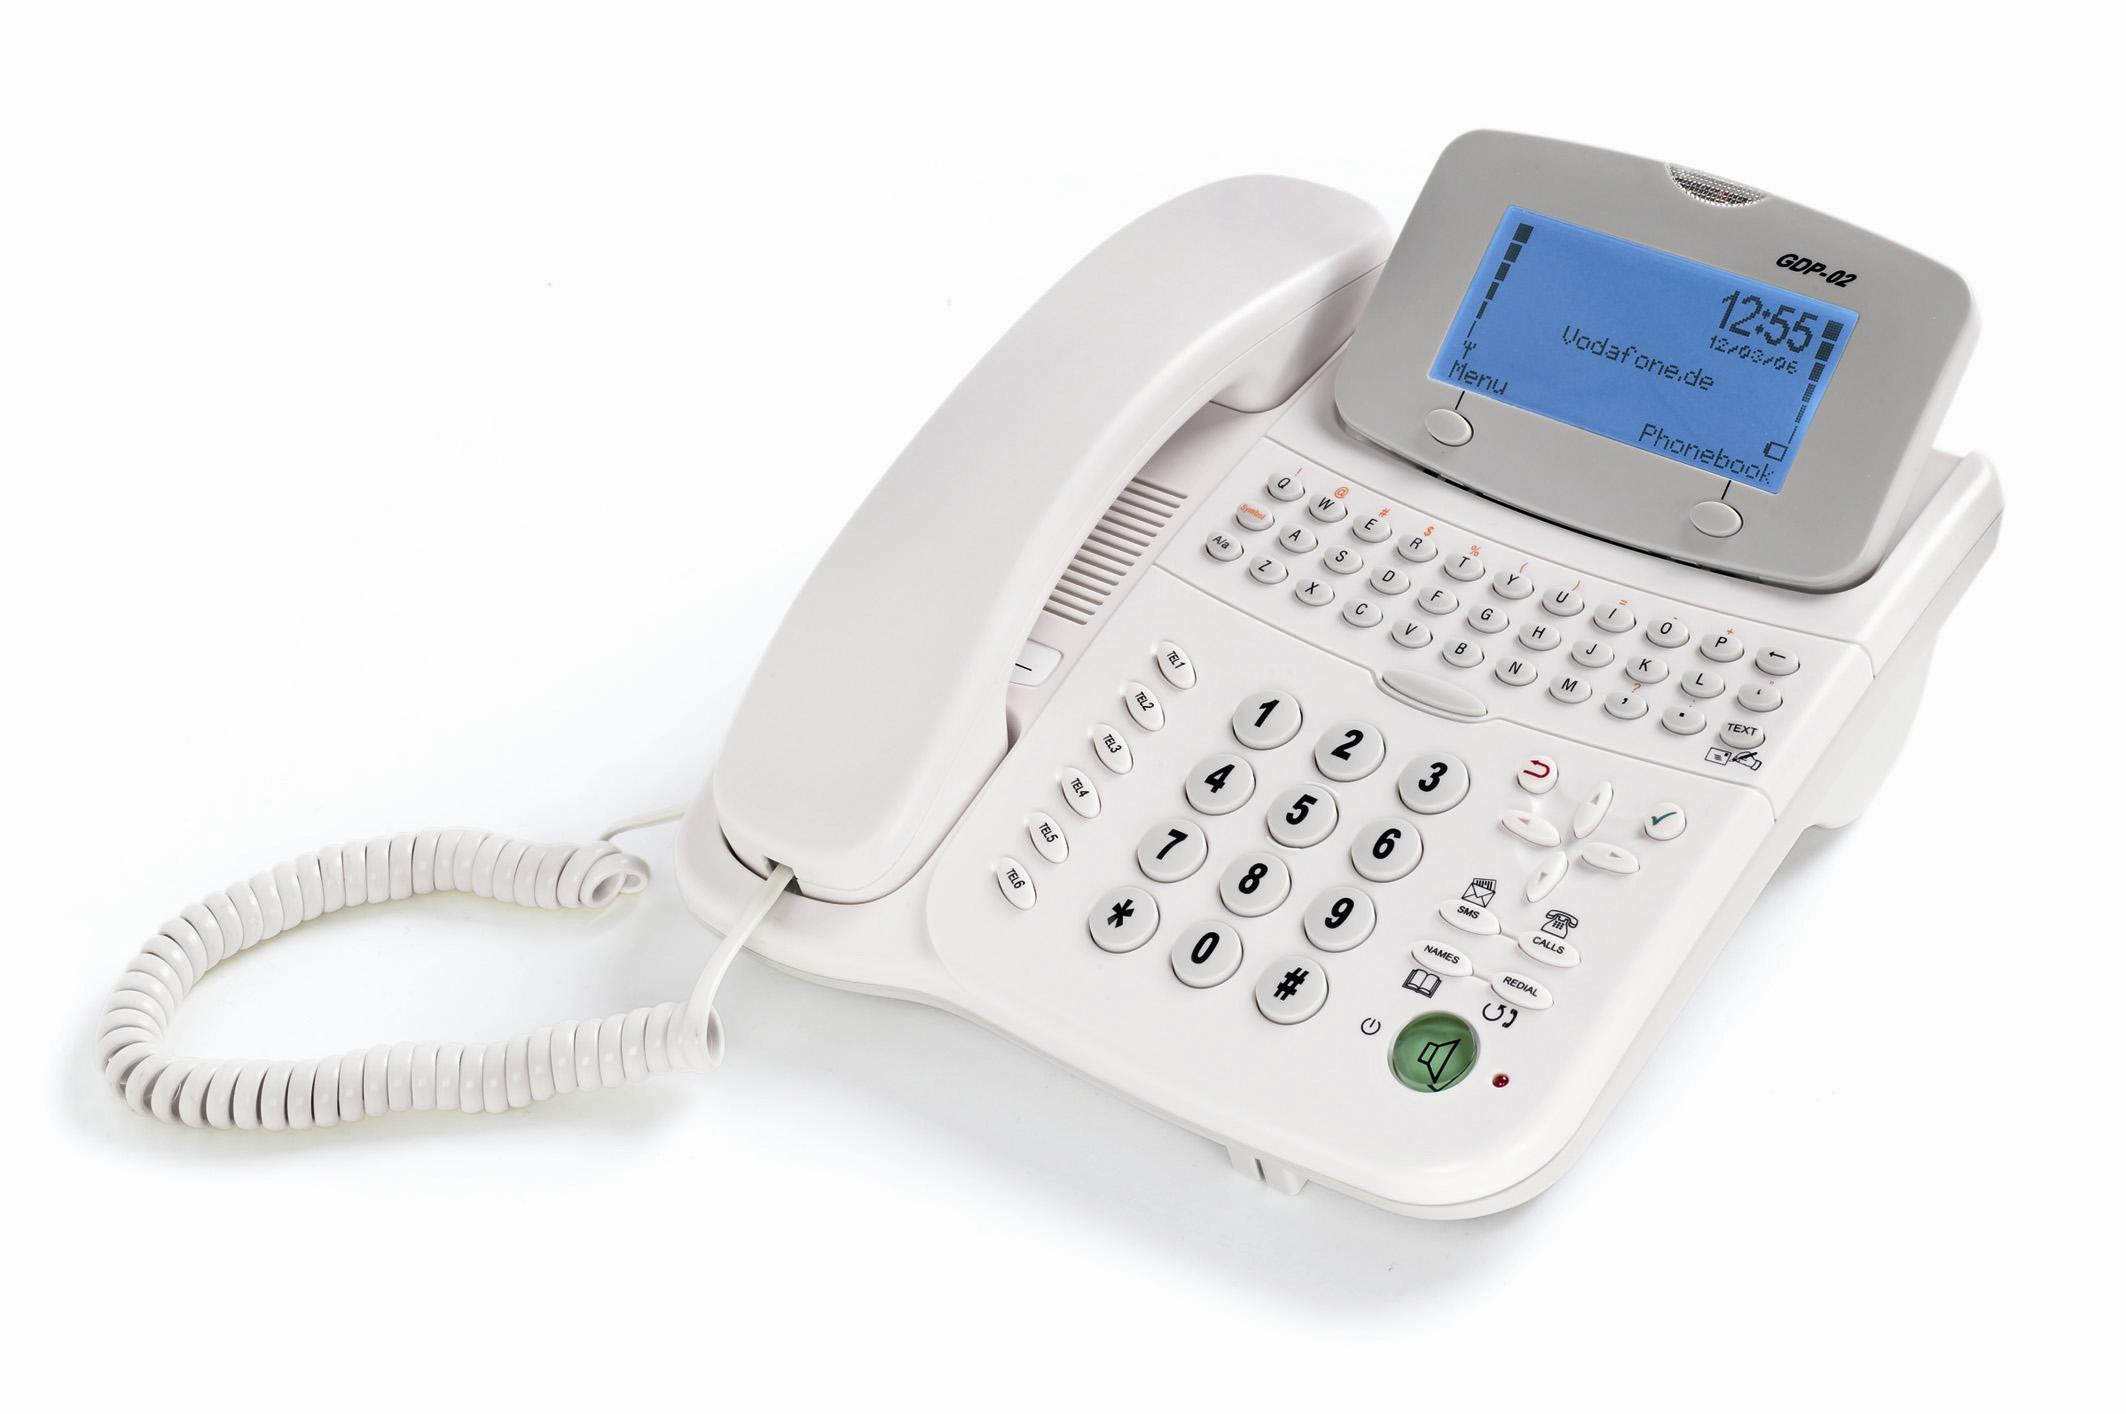 Die clevere Alternative zum Festnetz Multifunktionales Tischtelefon von Vodafone fürs Business und zu Hause als ideales Telefon für den günstigen